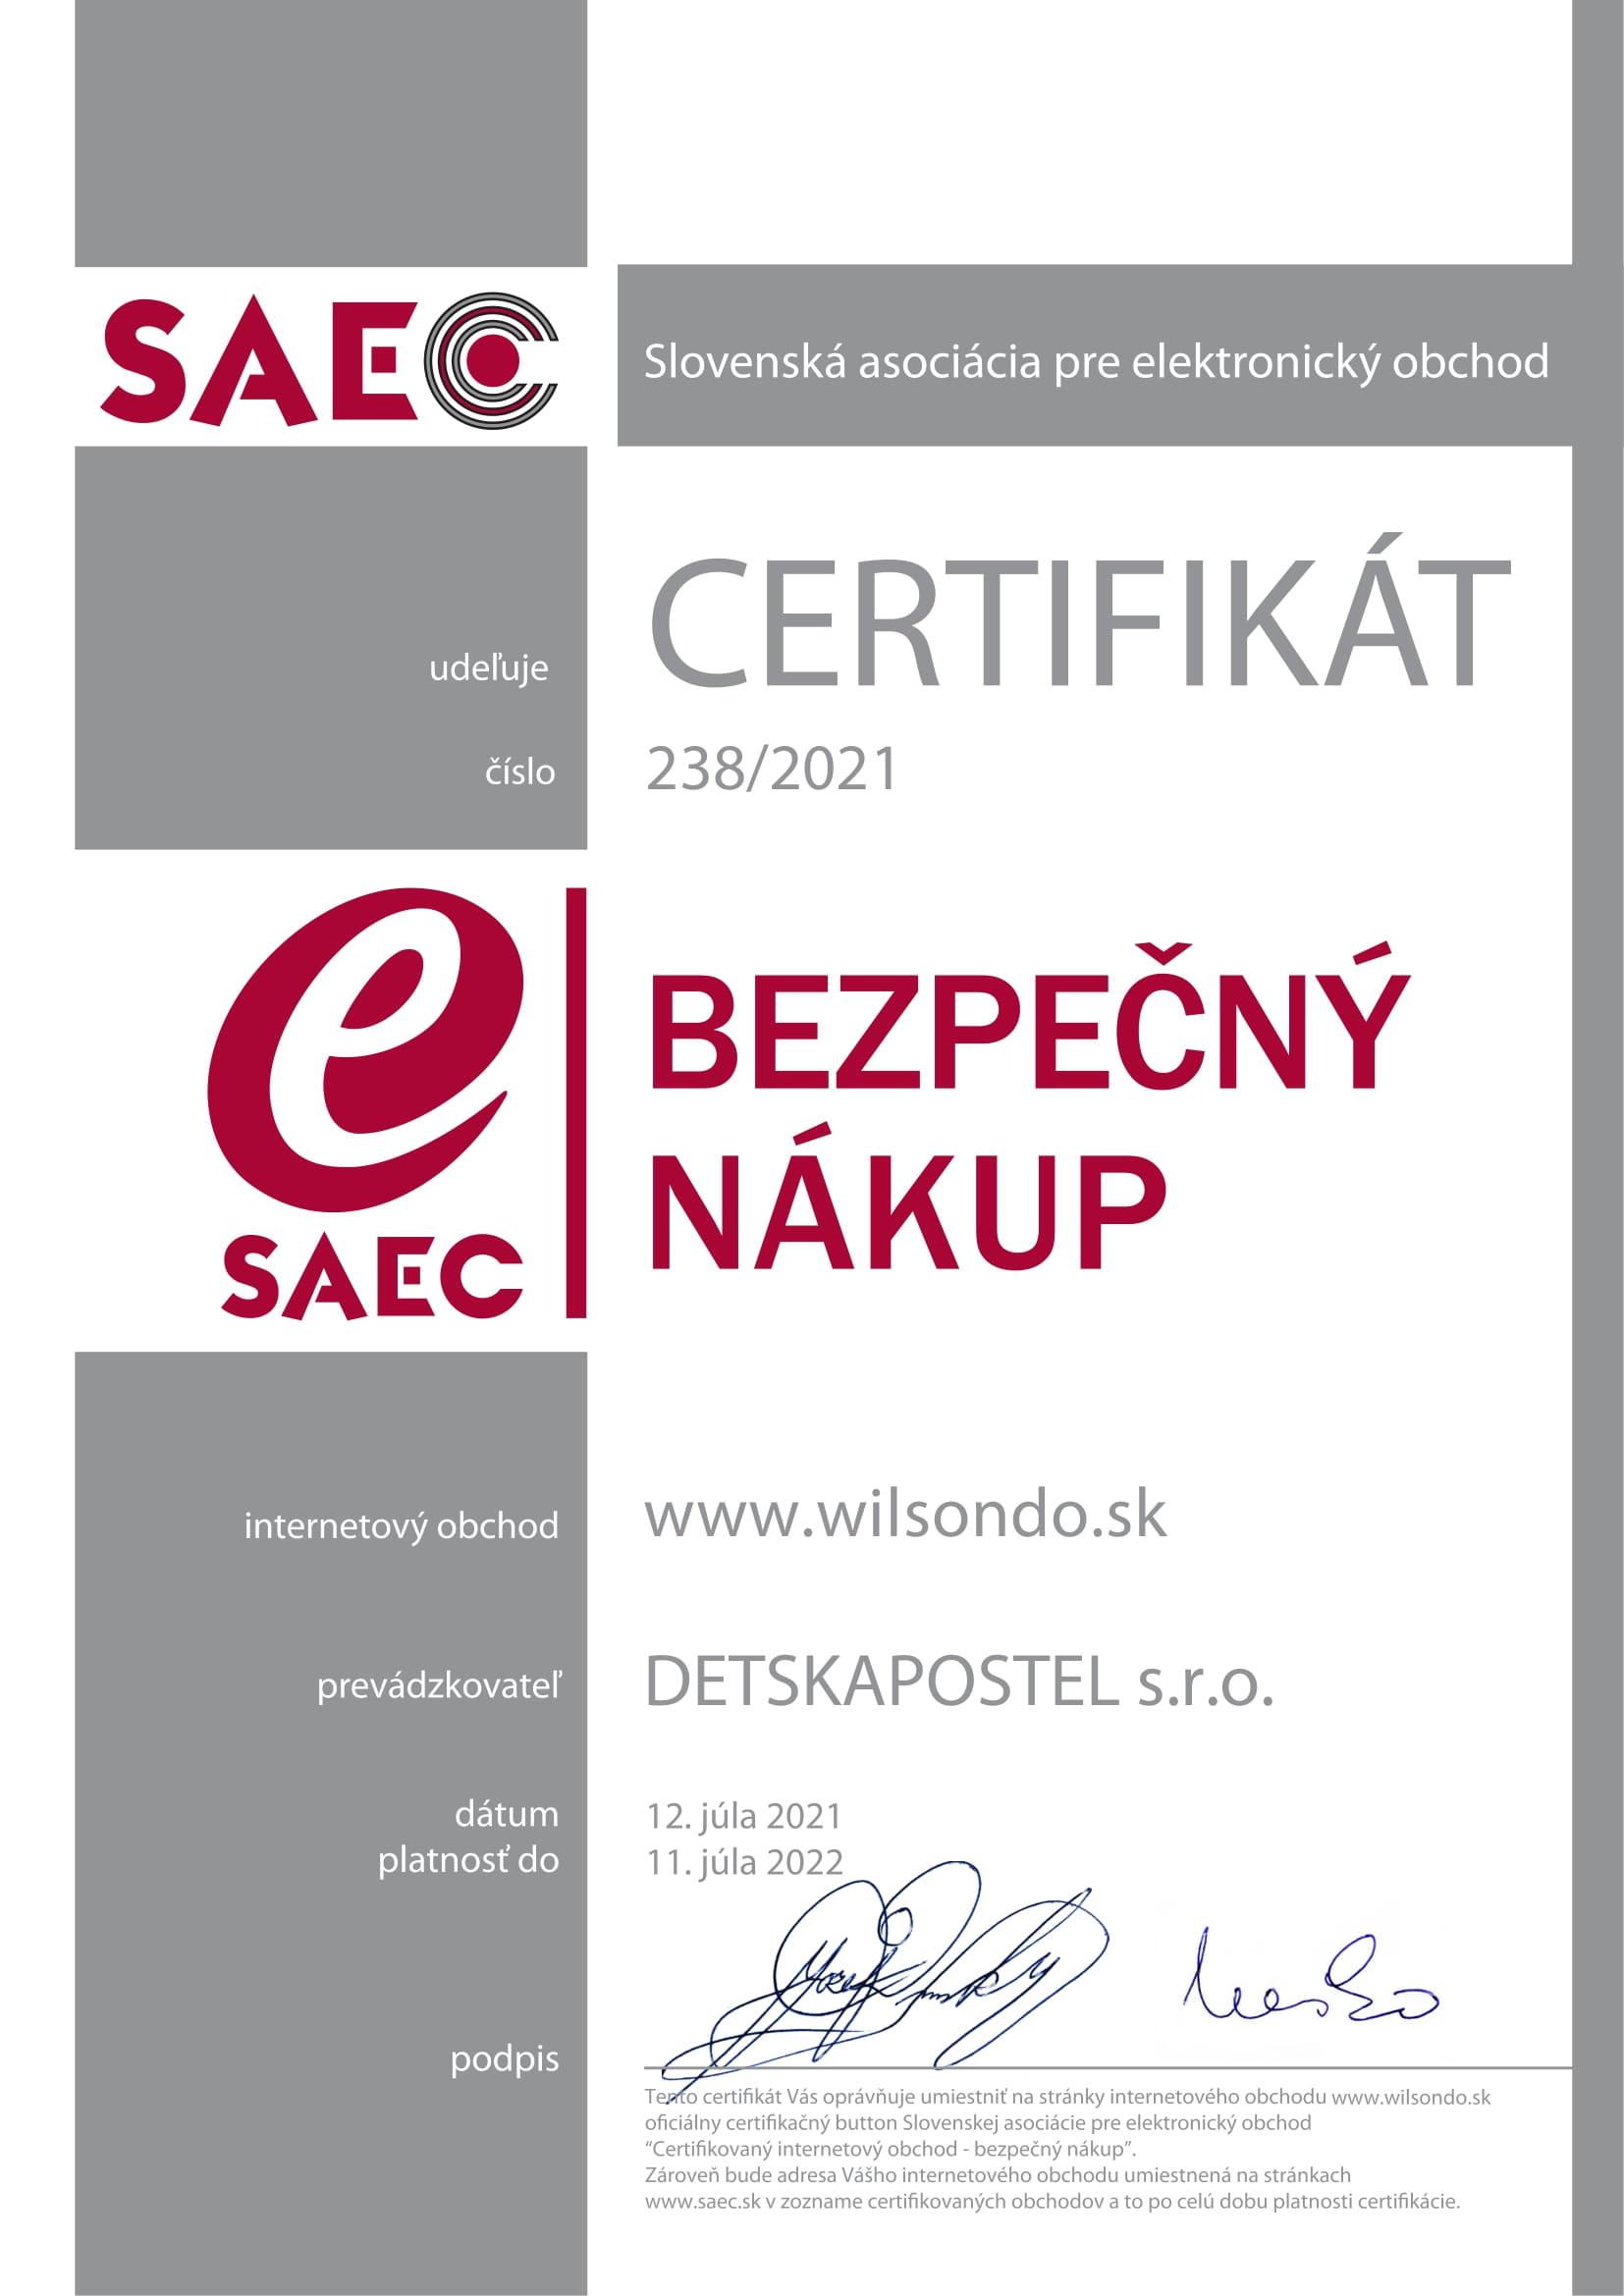 Bezpečný nákup - SAEC